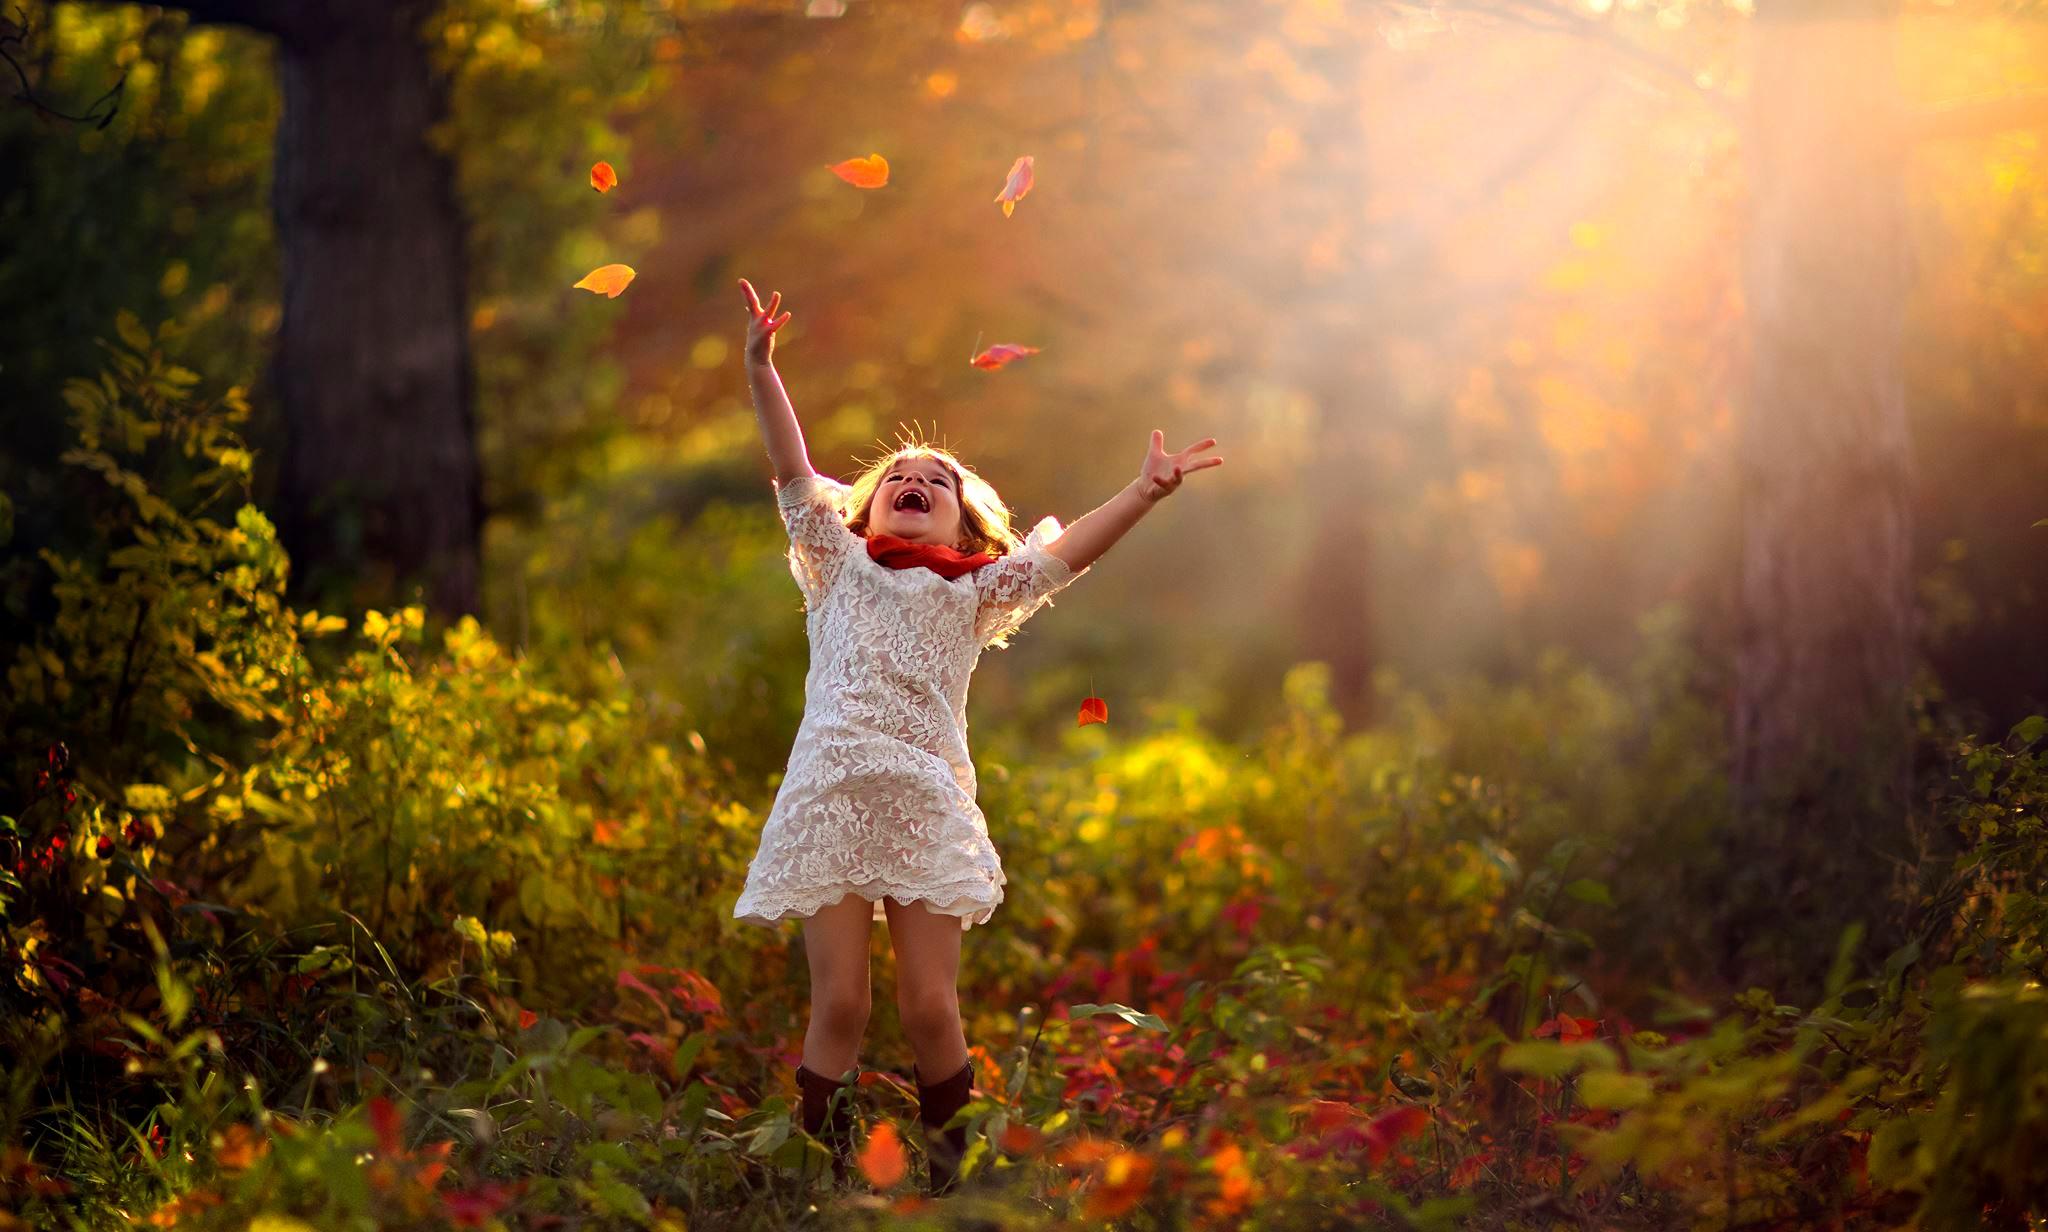 أطفال في الطبيعة1